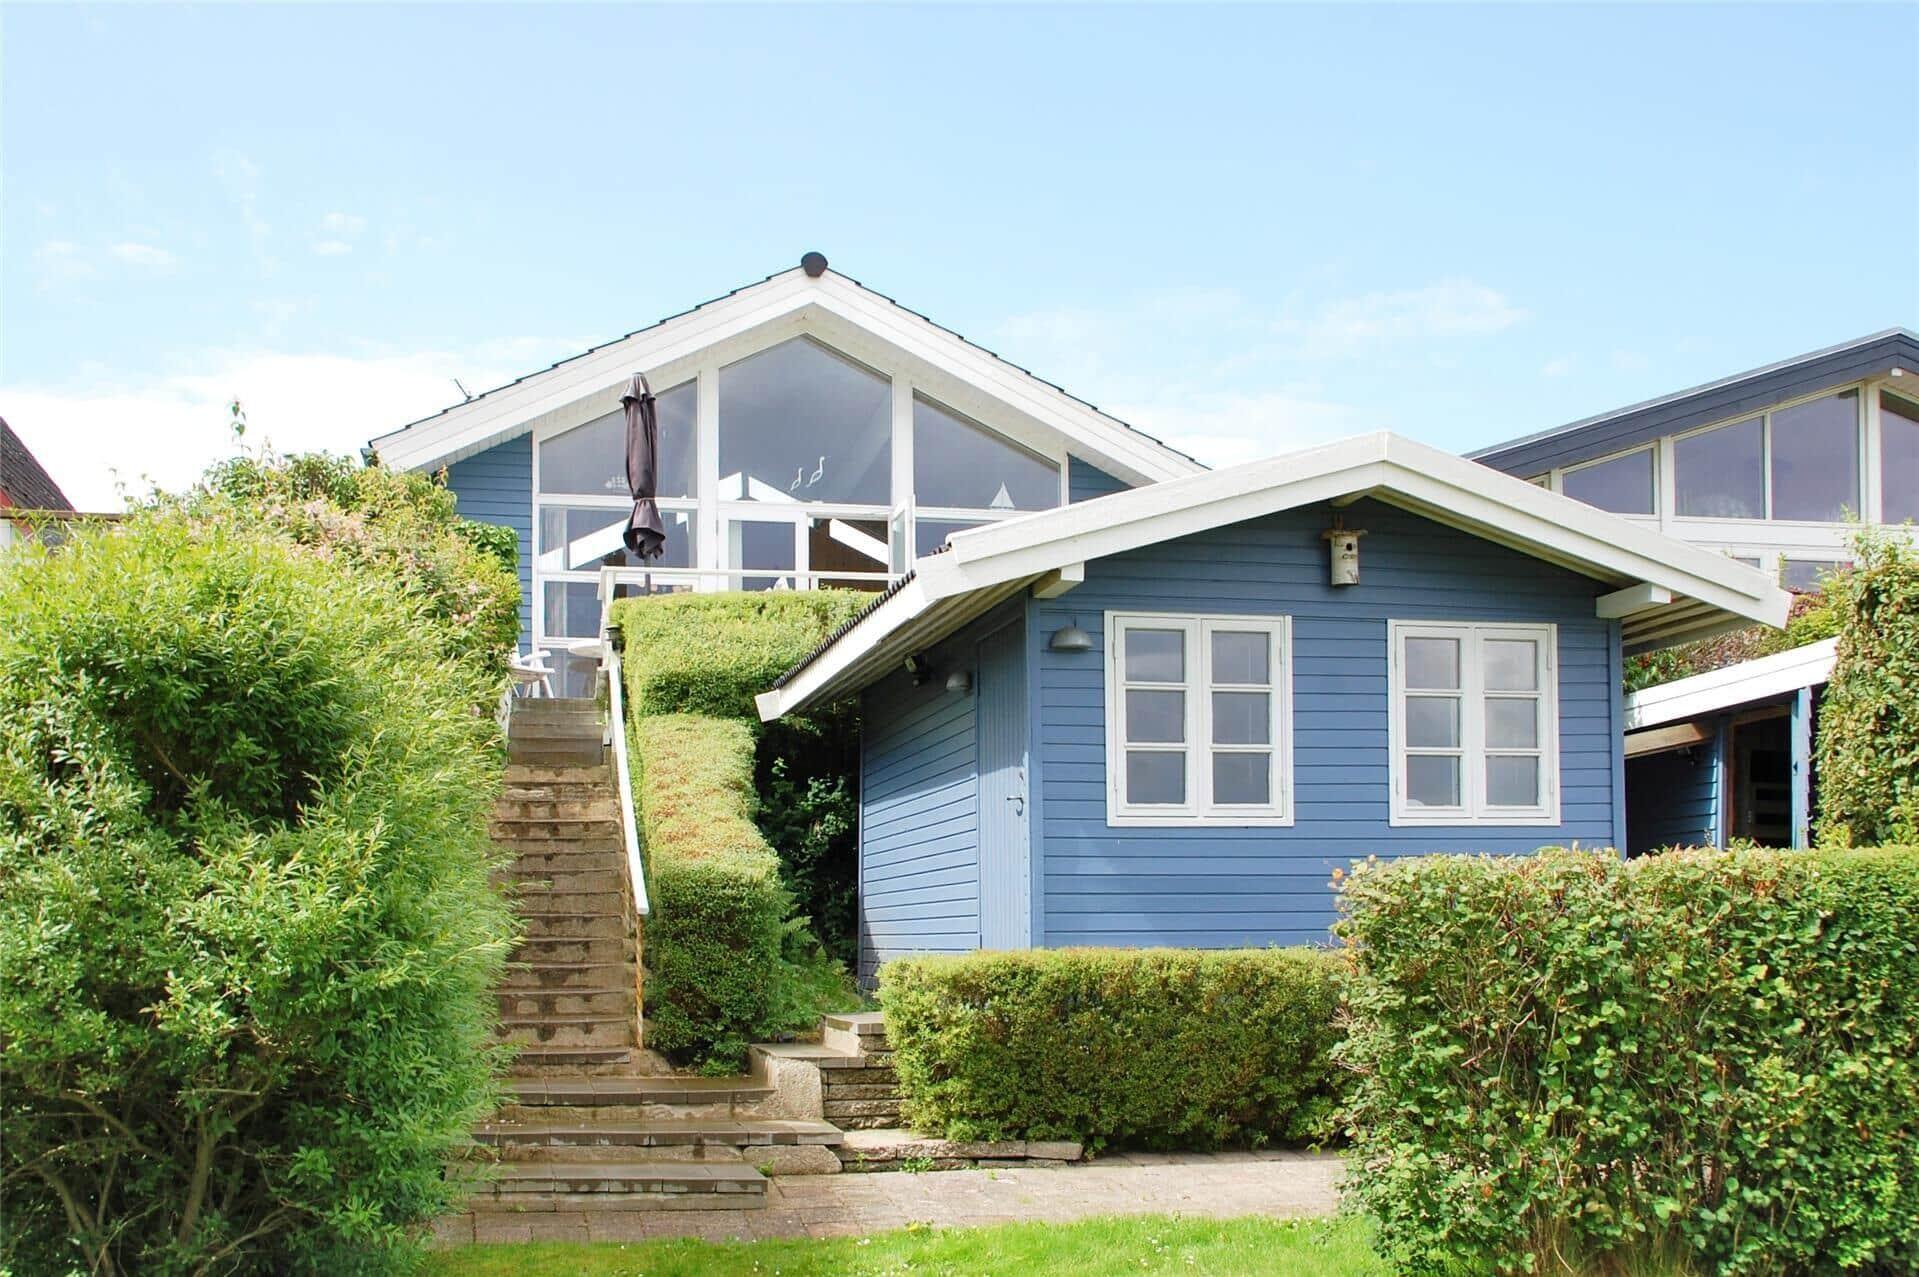 Billede 1-3 Sommerhus M66364, Sølyst Strand 8, DK - 5800 Nyborg